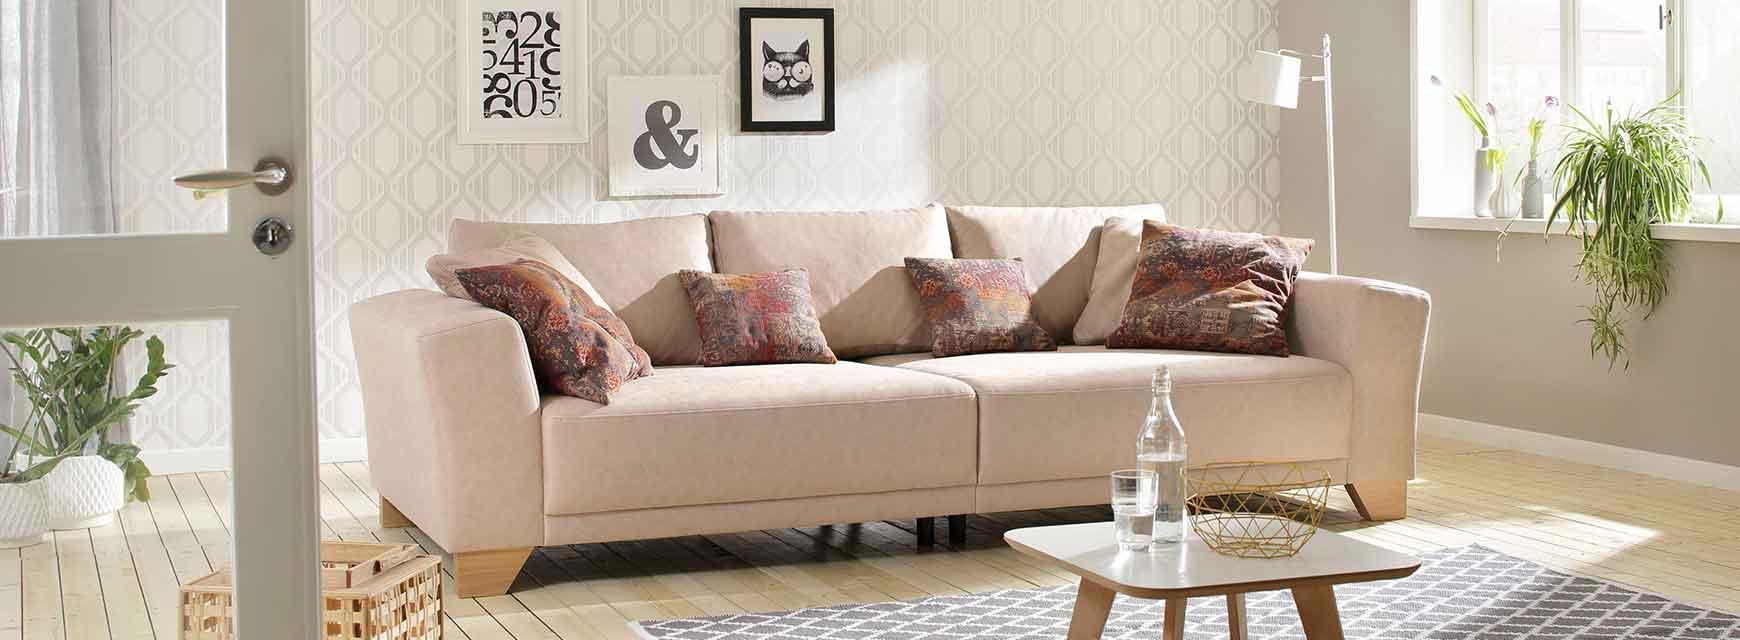 Full Size of Großes Ecksofa Sofa Landhausstil Landhaus Couch Online Kaufen Naturloftde Garten Bett Bezug Mit Ottomane Regal Bild Wohnzimmer Wohnzimmer Großes Ecksofa